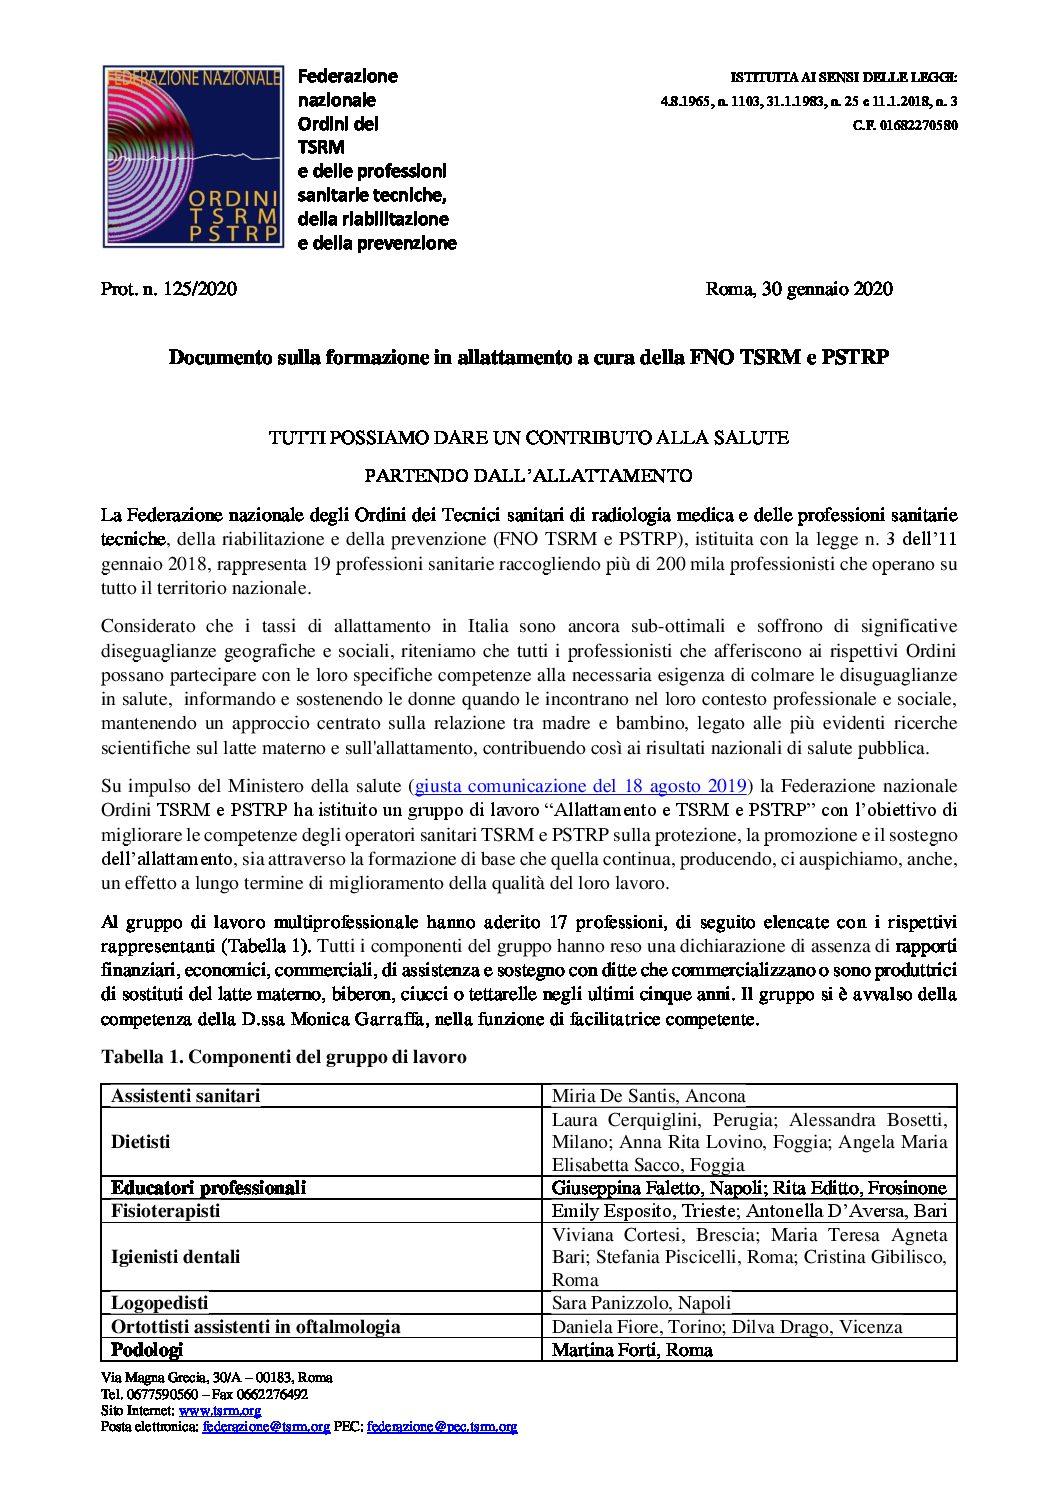 FNO TSRM e PSTRP Allattamento Definitivo con conclusioni pdf